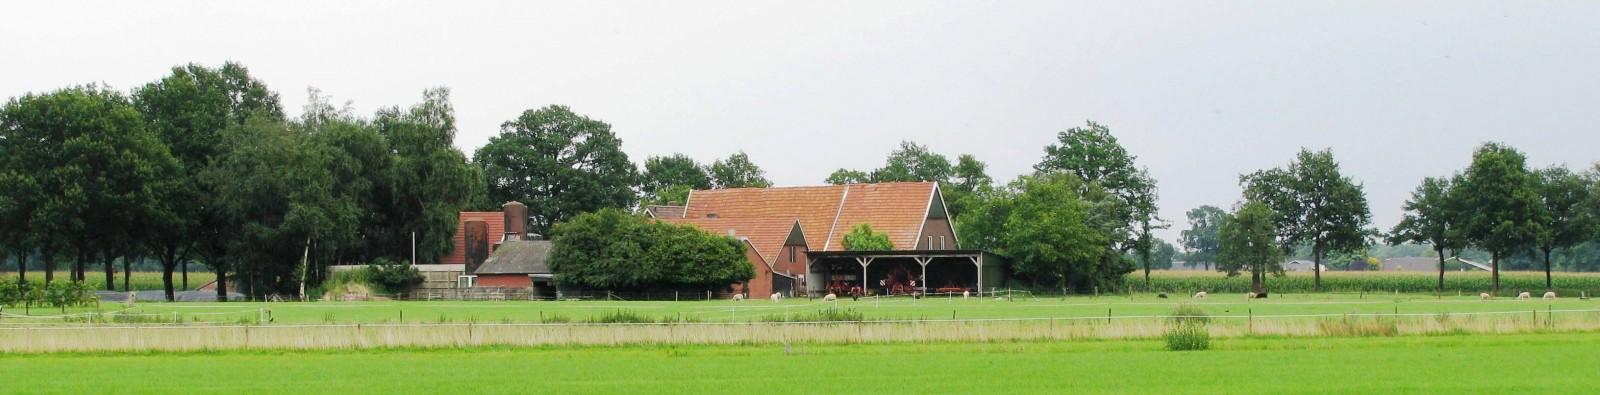 Haamberg-Zegelvoort Lattrop 2012